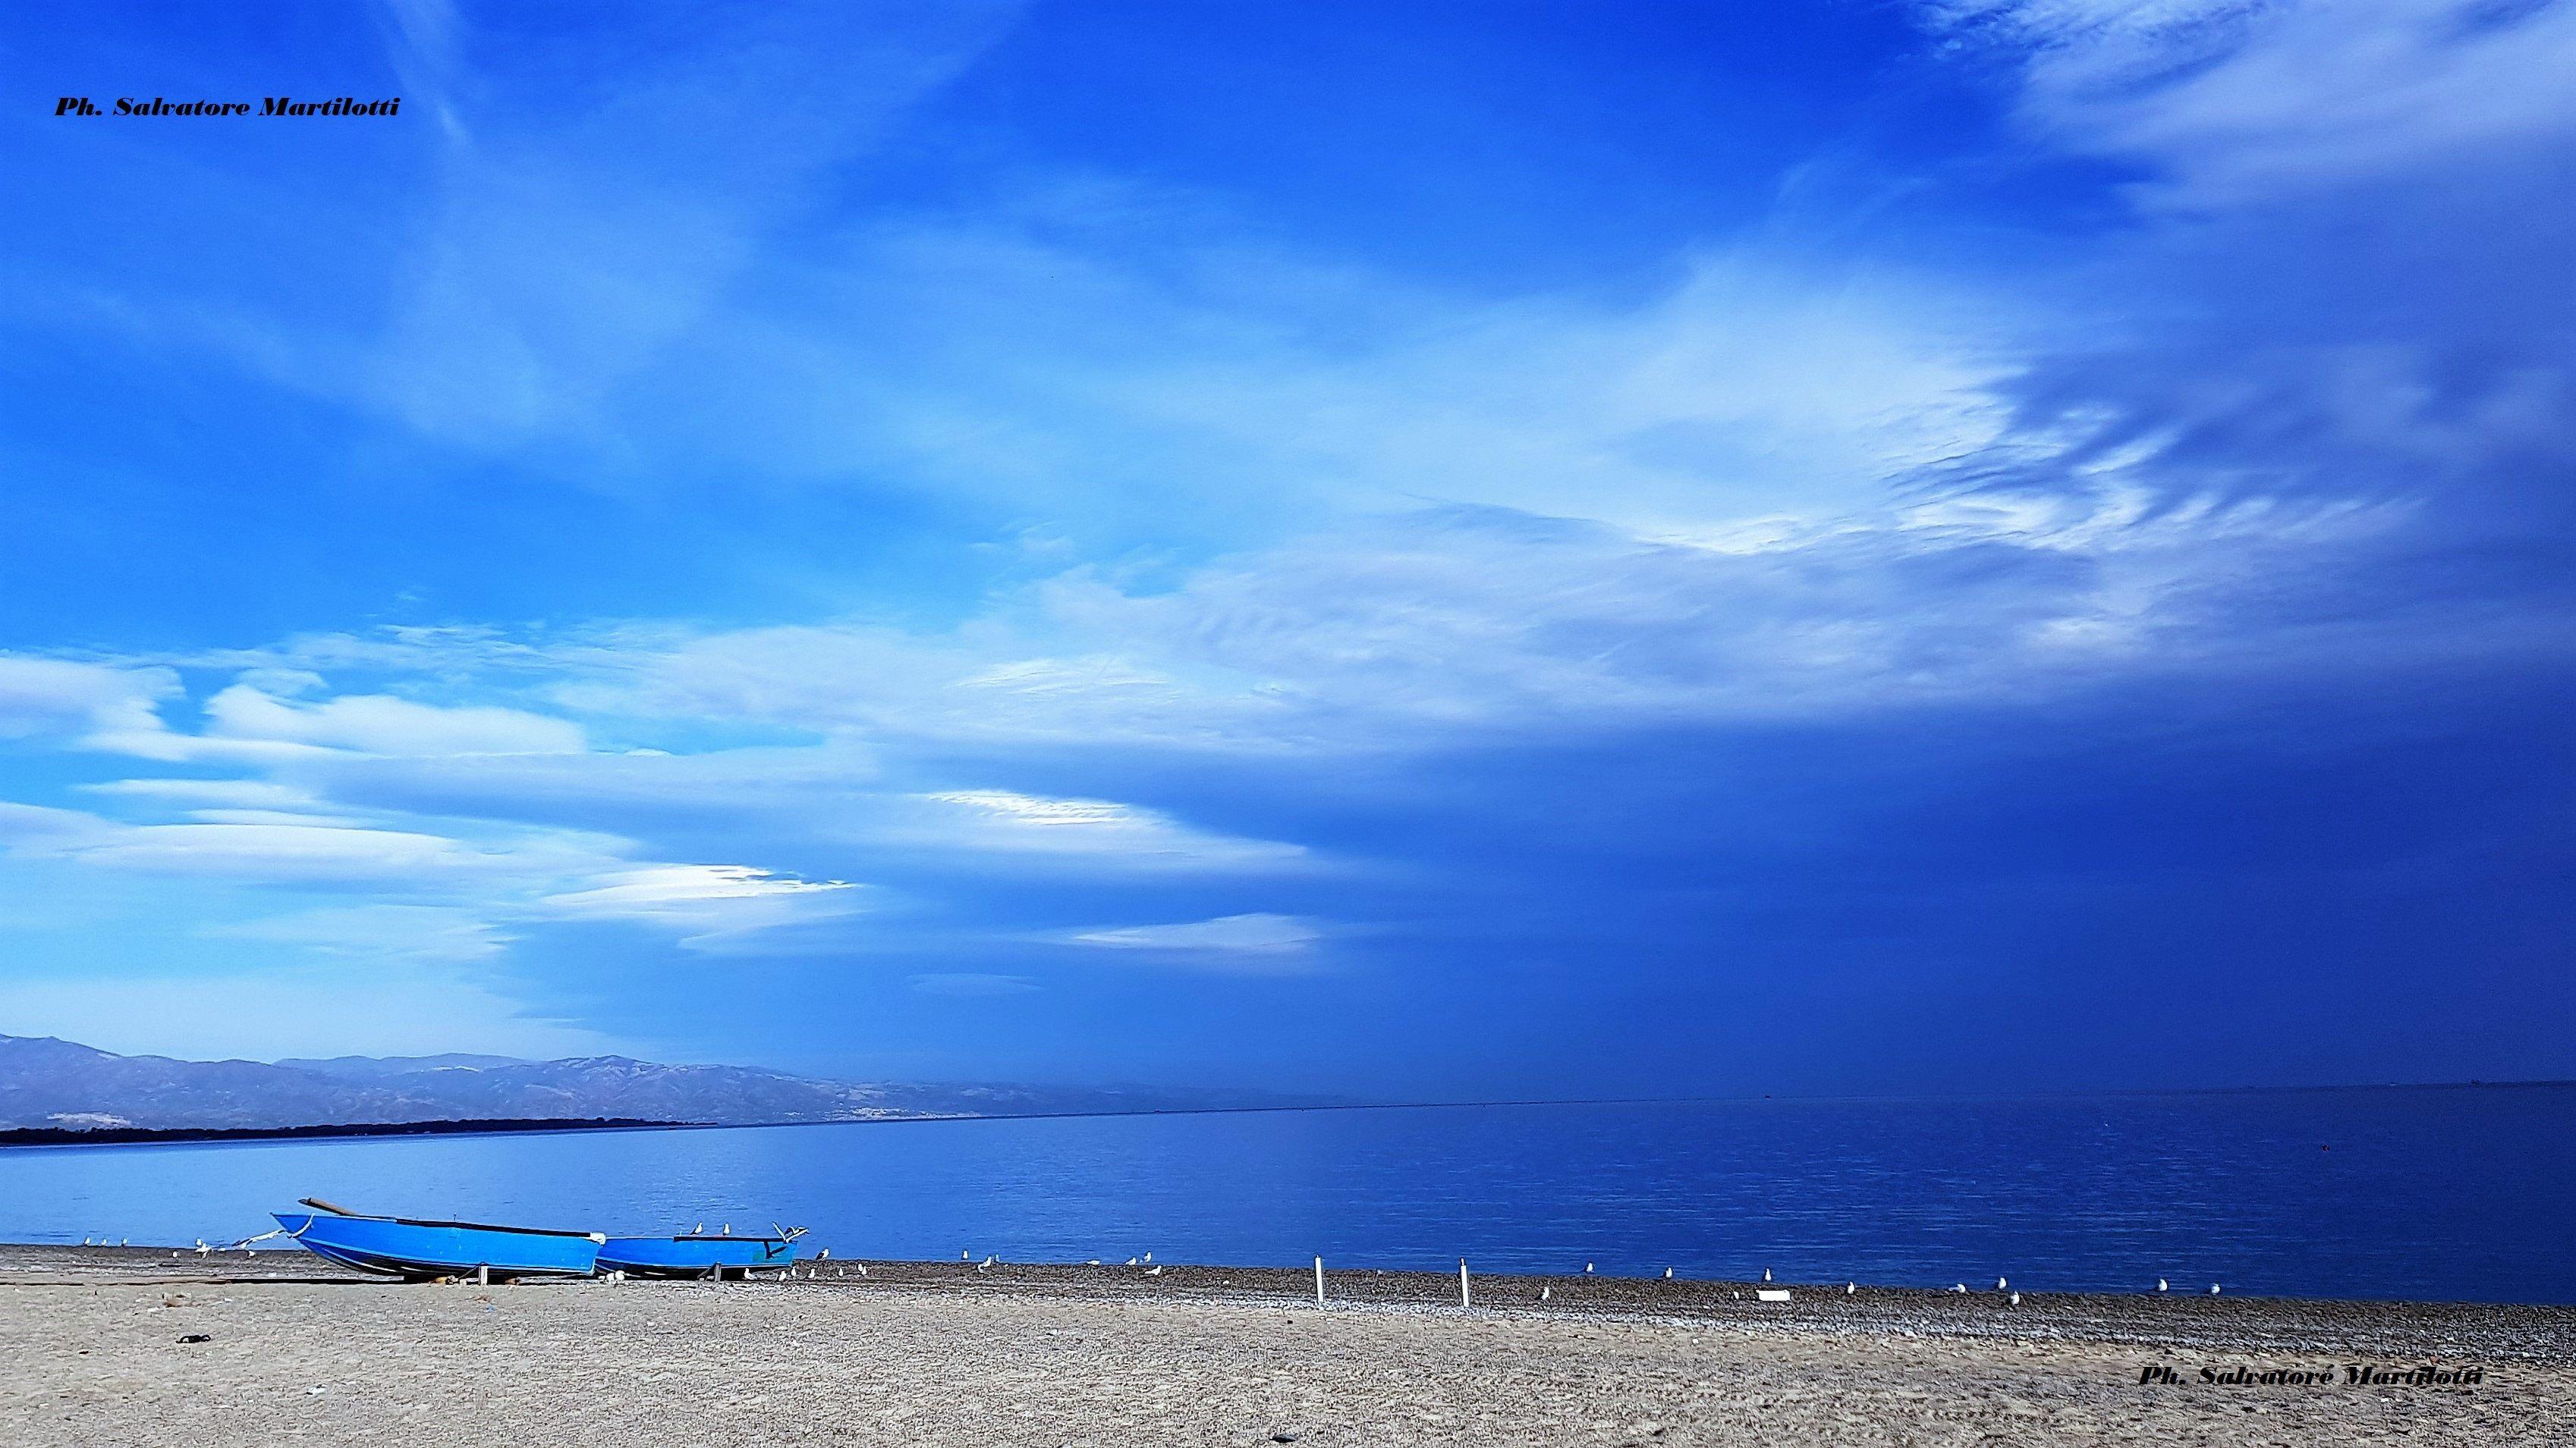 Sul Mare Luccica è Il Giorno Di Santa Lucia Secondo La Tradizione